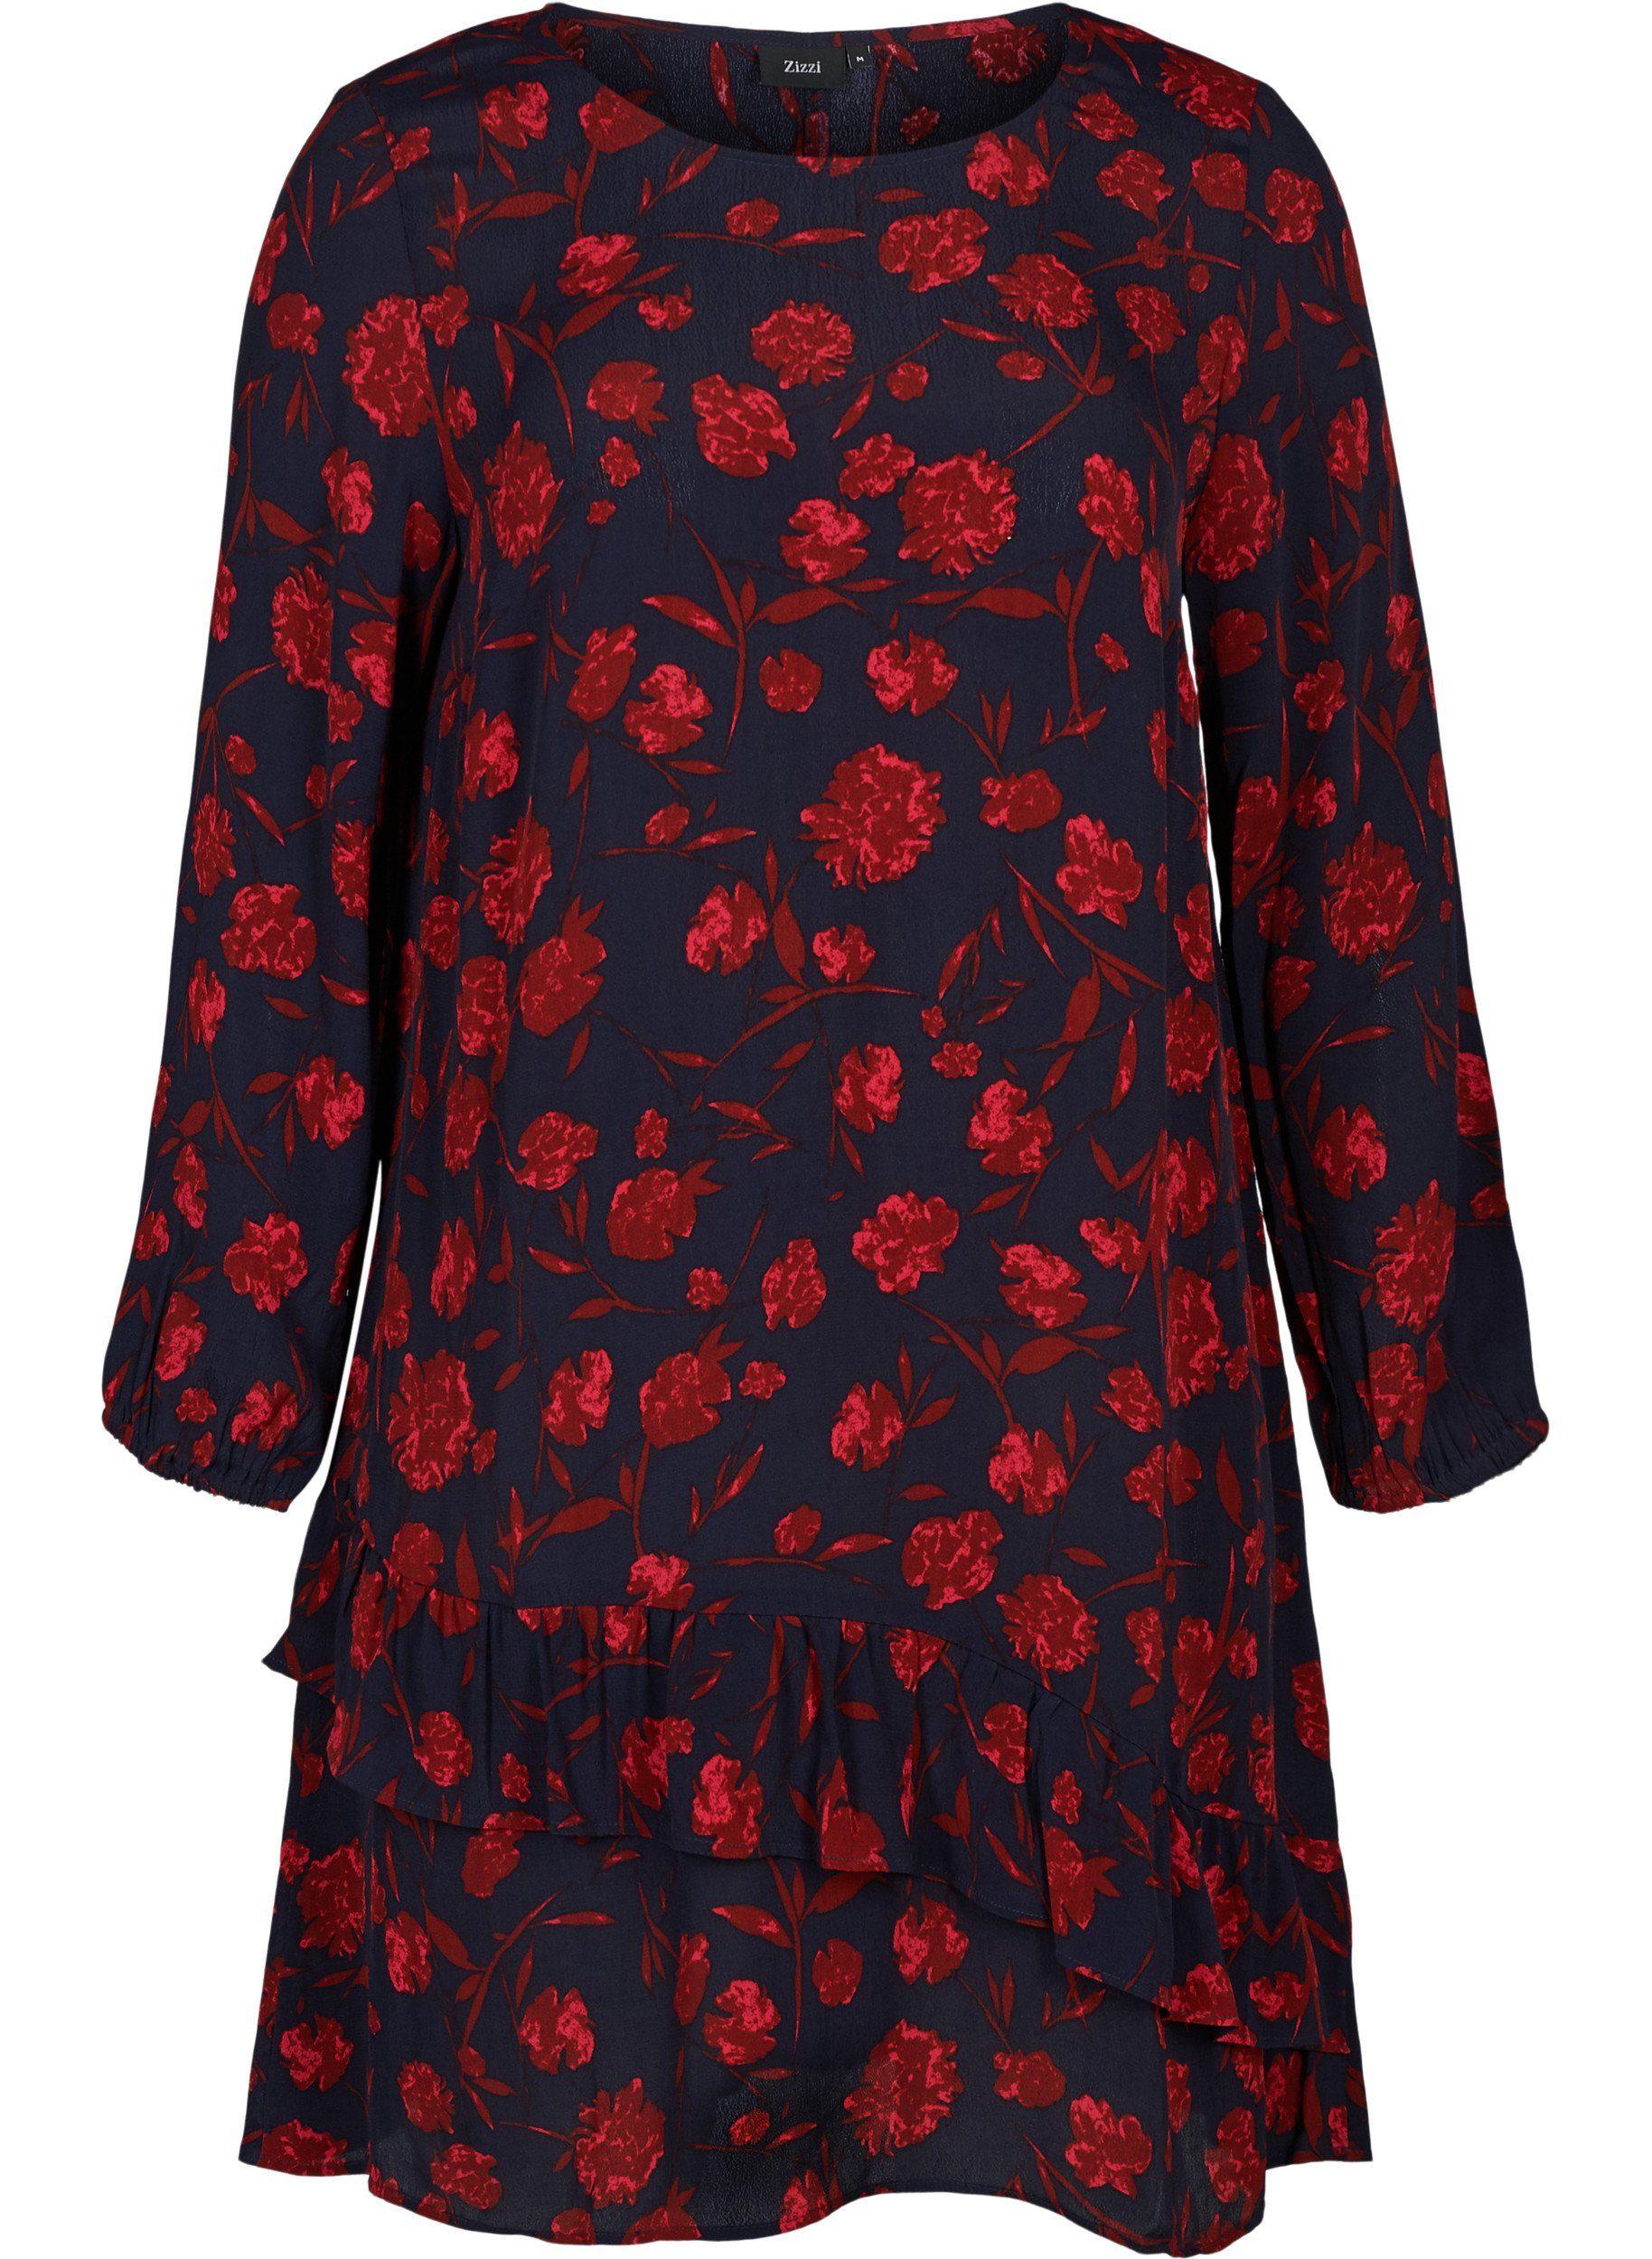 Zizzi Abendkleid Große Größen Damen mit Print und Rüschendetails online kaufen Fuw3XJ